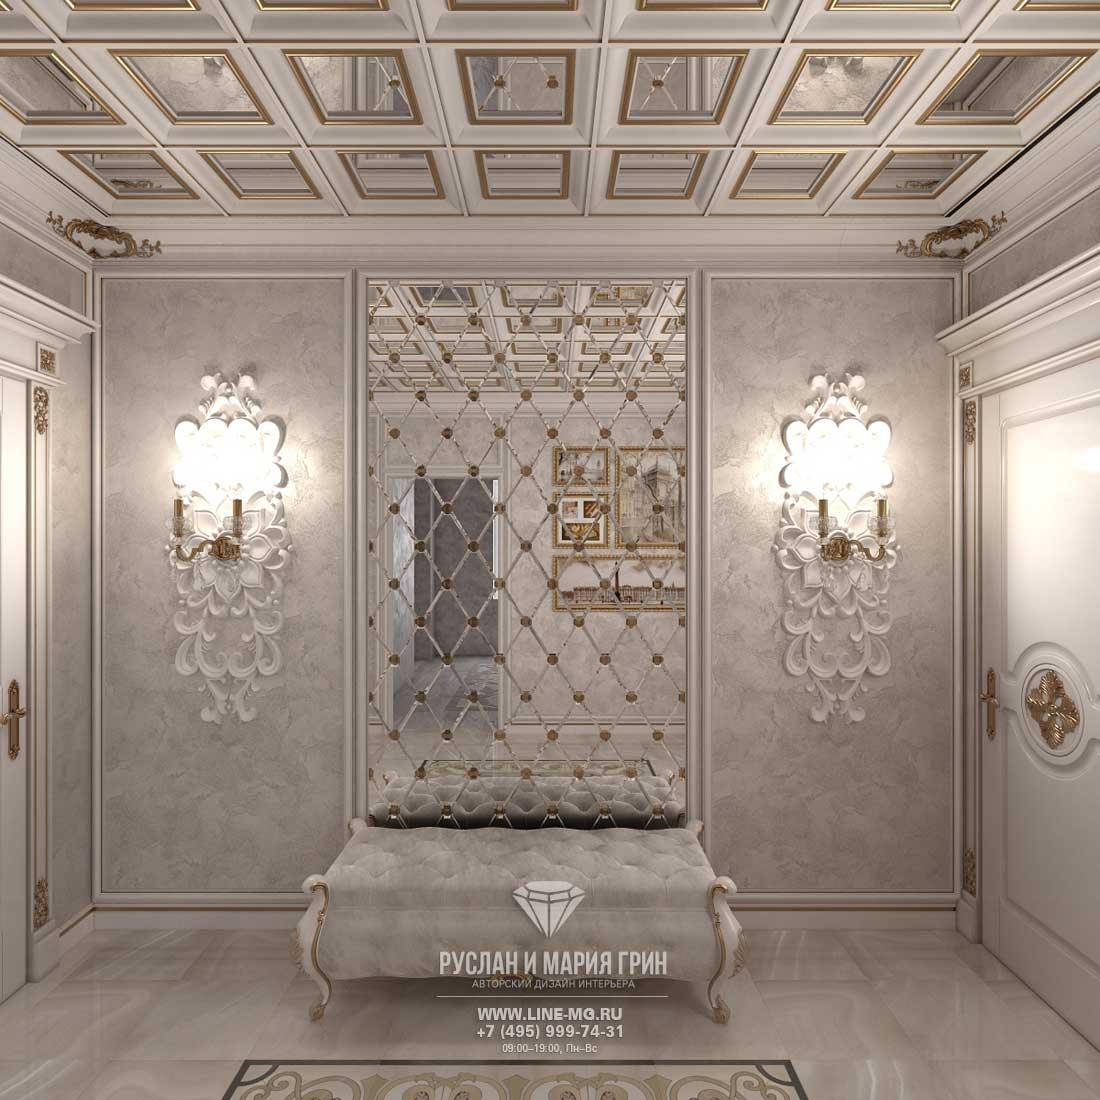 Дизайн красивой квартиры. Фото интерьера прихожей в стиле арт-деко